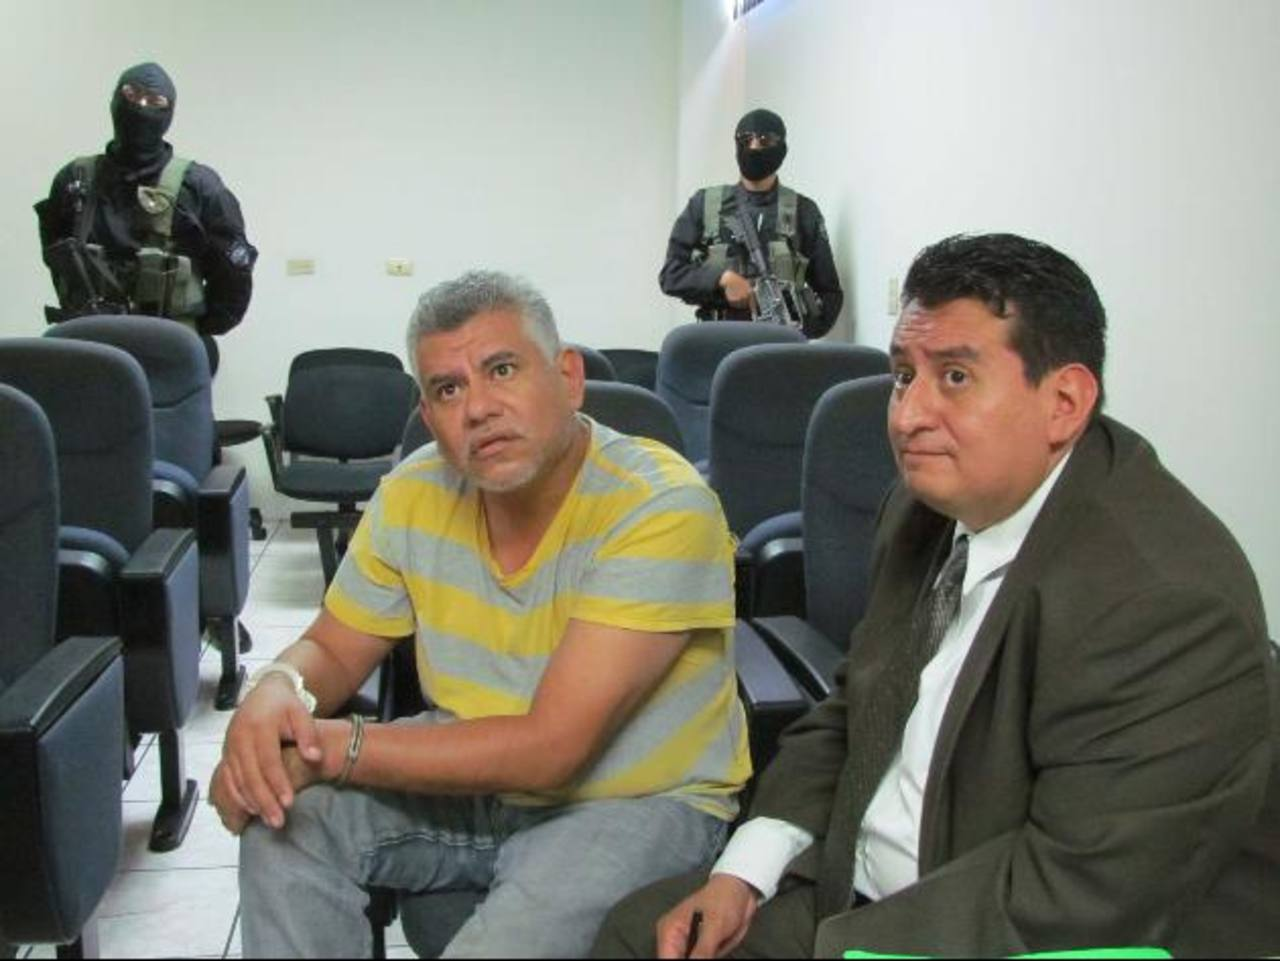 Roberto Herrera Hernández, camisa rayas amarilla, es procesado por delitos relacionados con el narcotráfico. Foto EDH / Archivo.